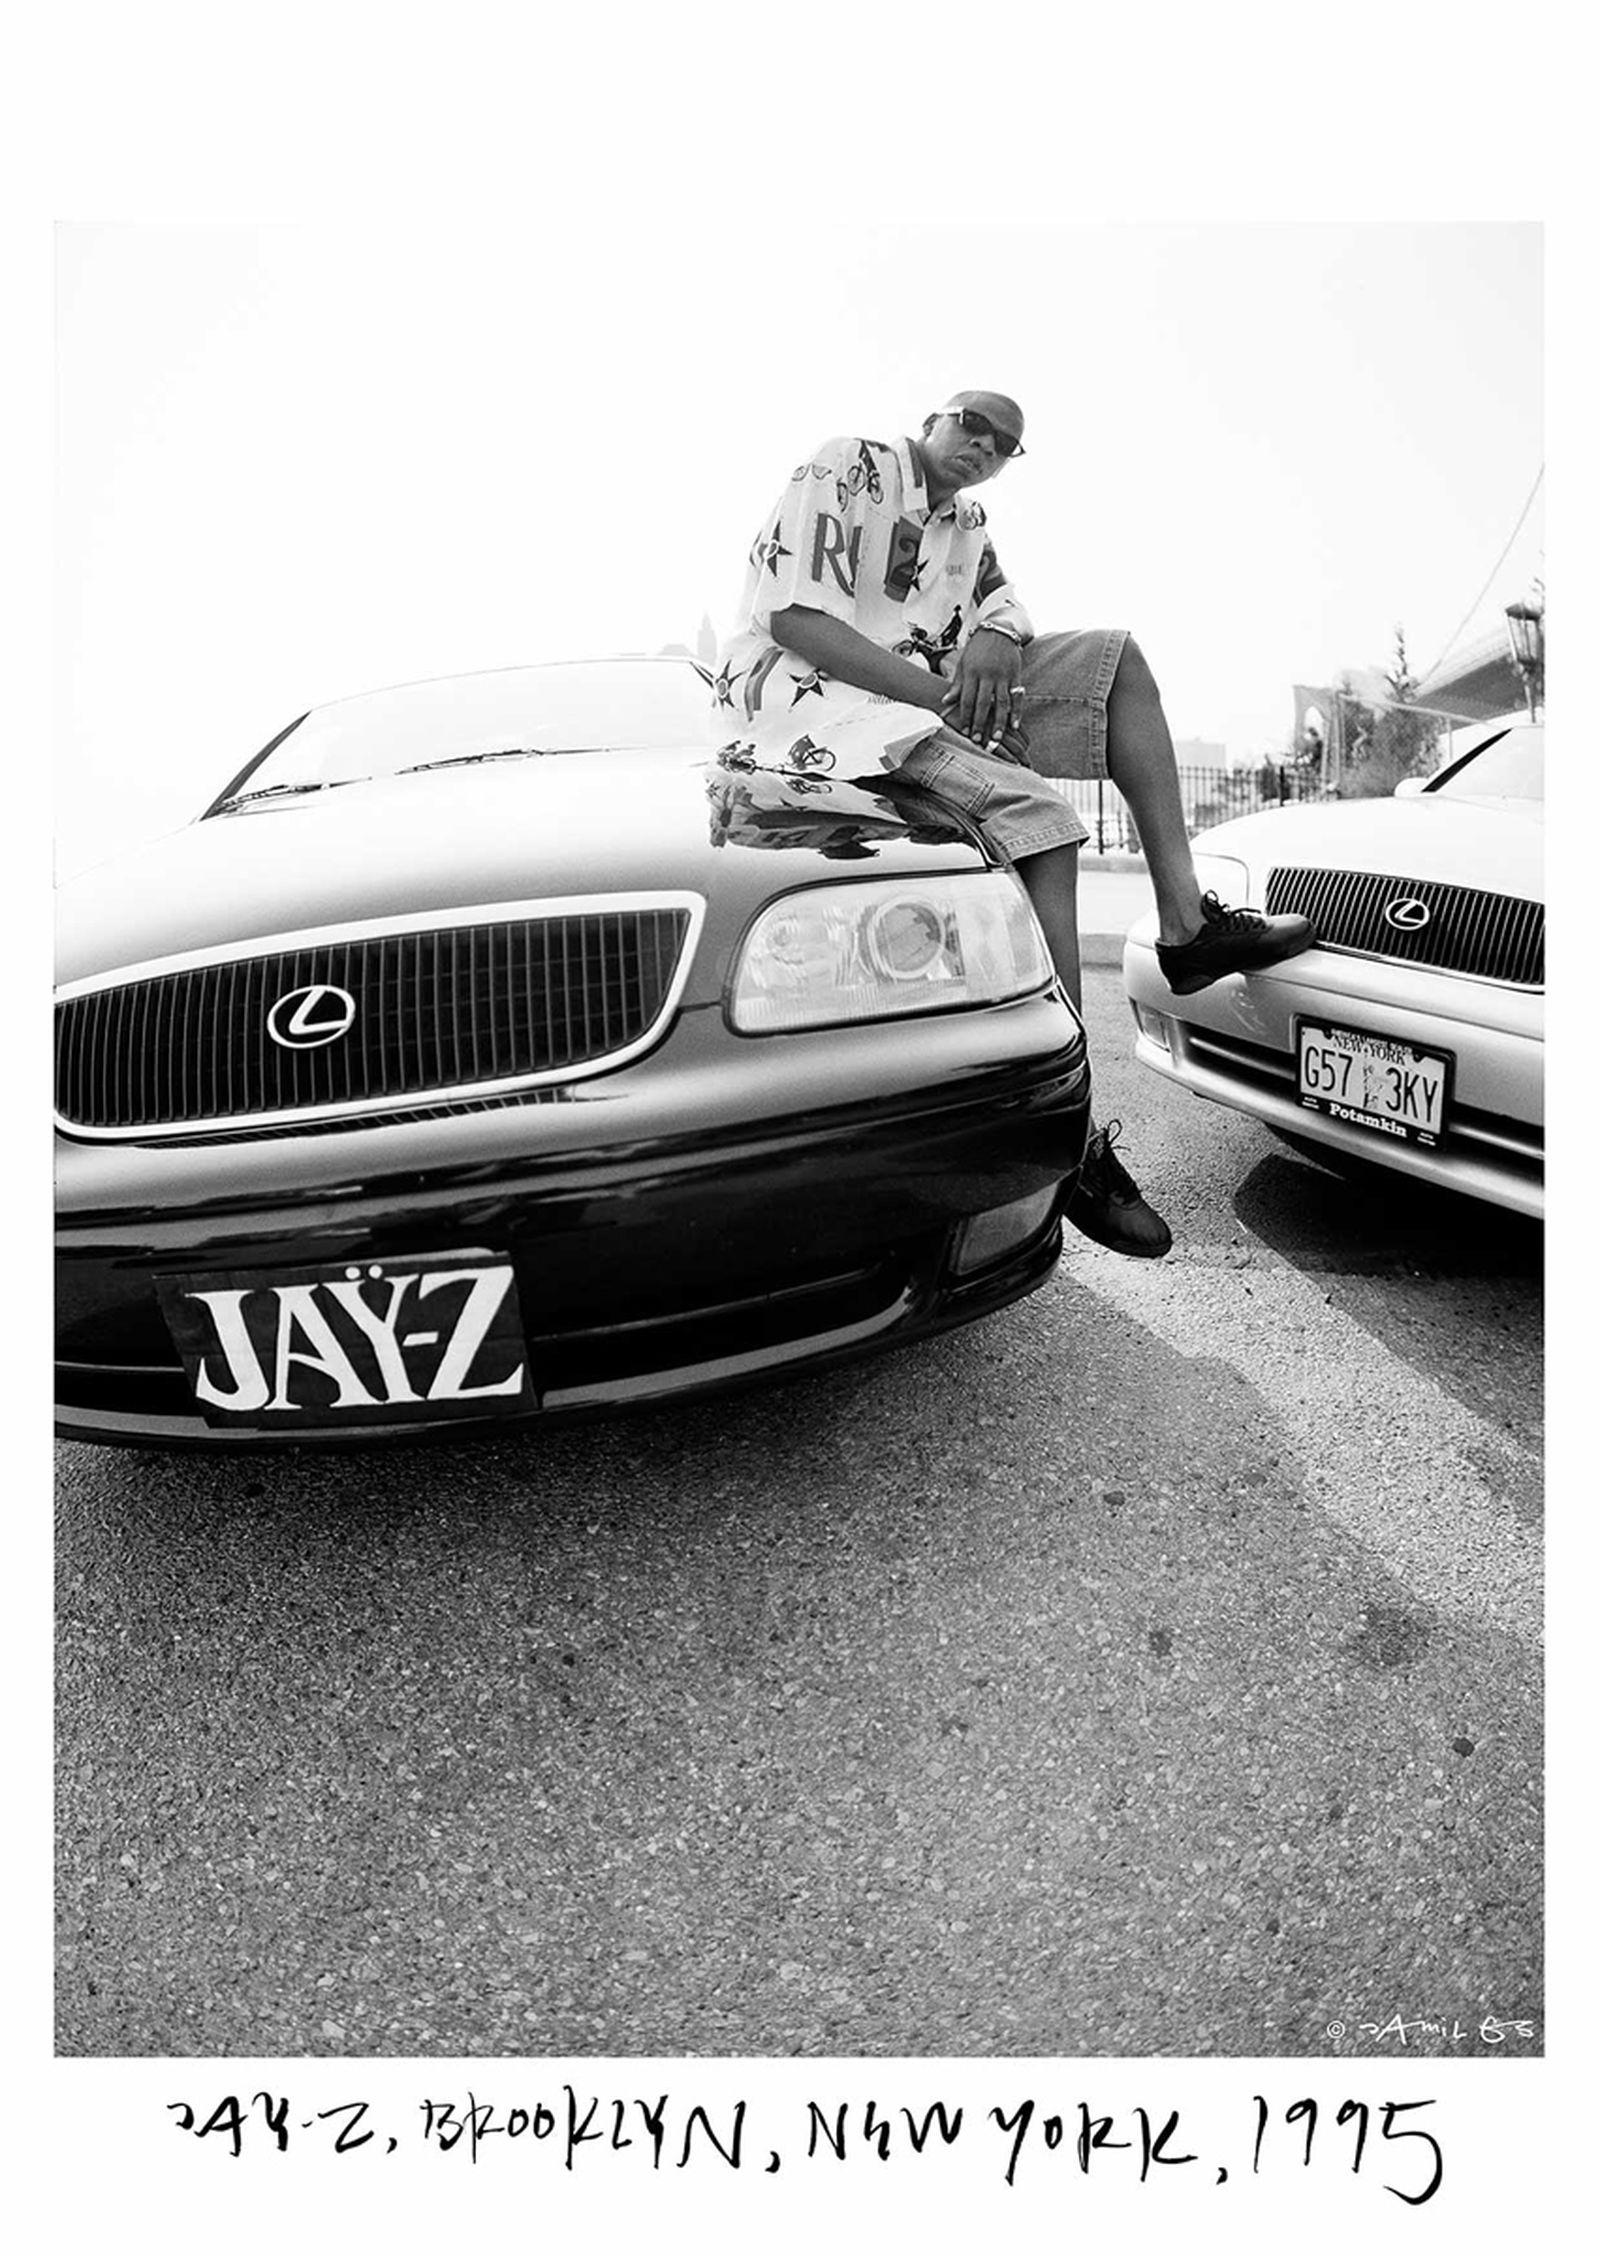 jamil-gs-the-dope-hip-hop-shop-launch-03